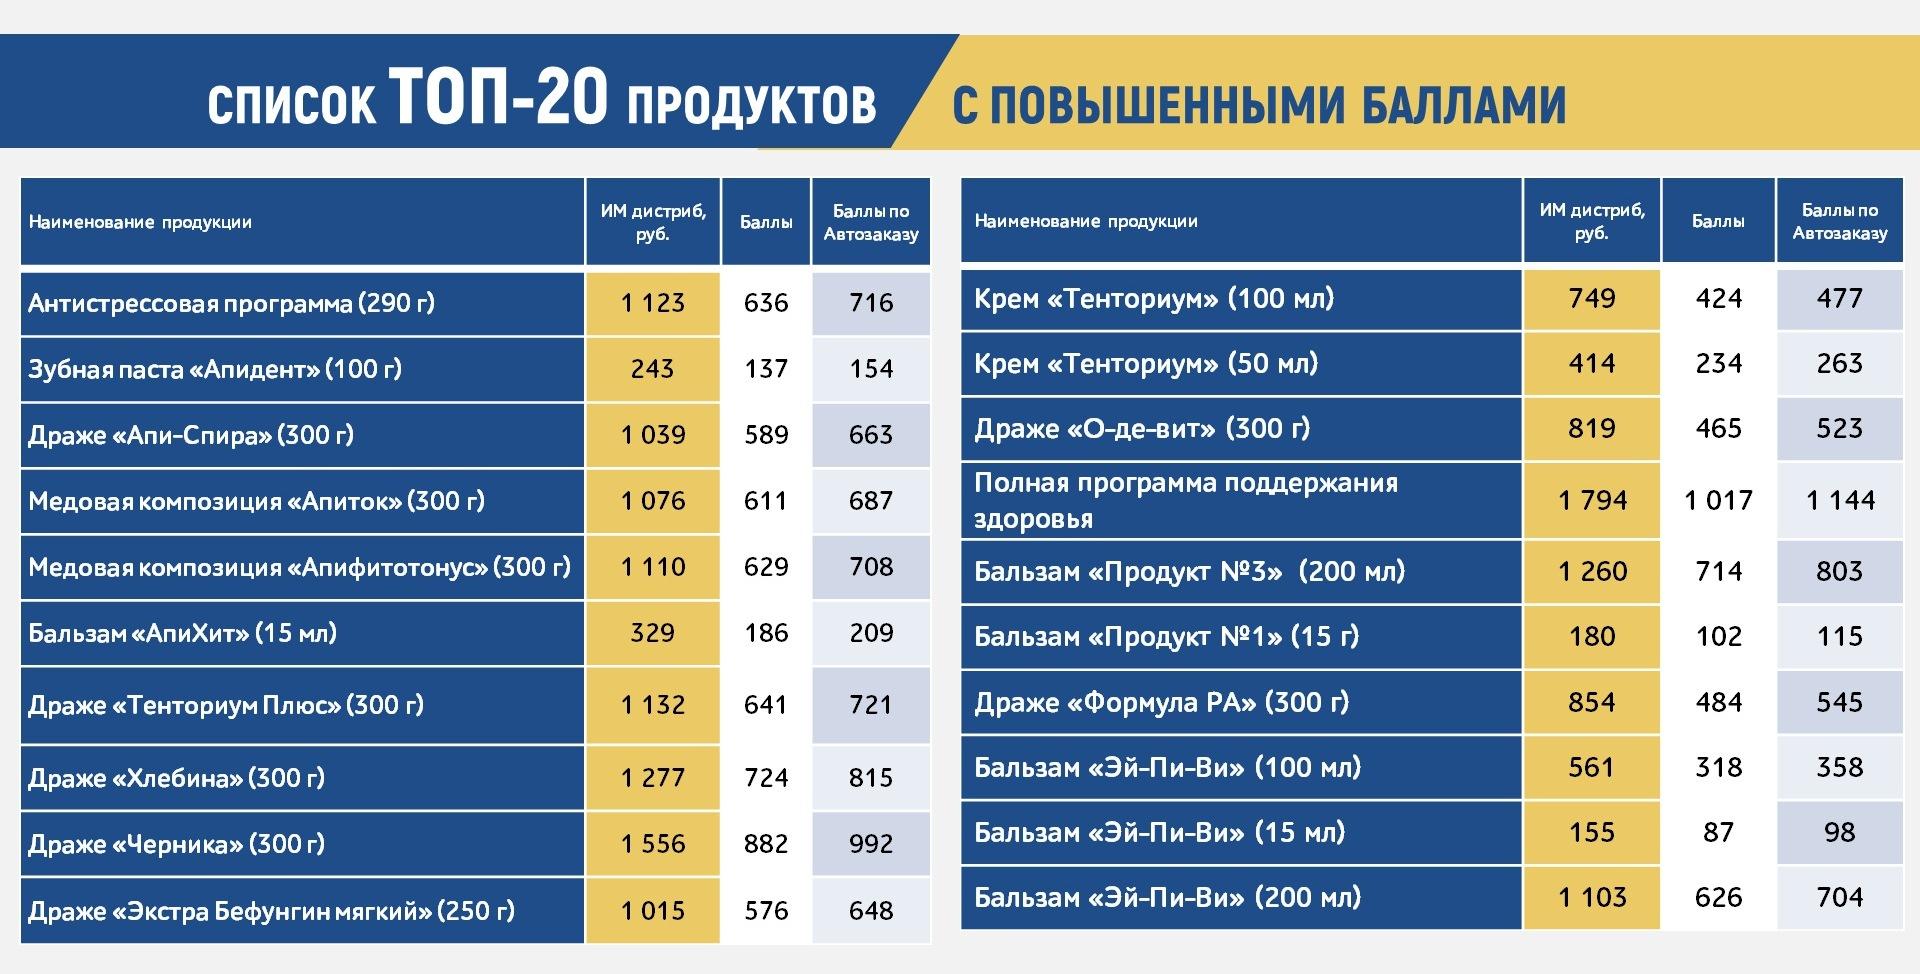 ТОП-20 ПРОДУКТОВ ТЕНТОРИУМ®